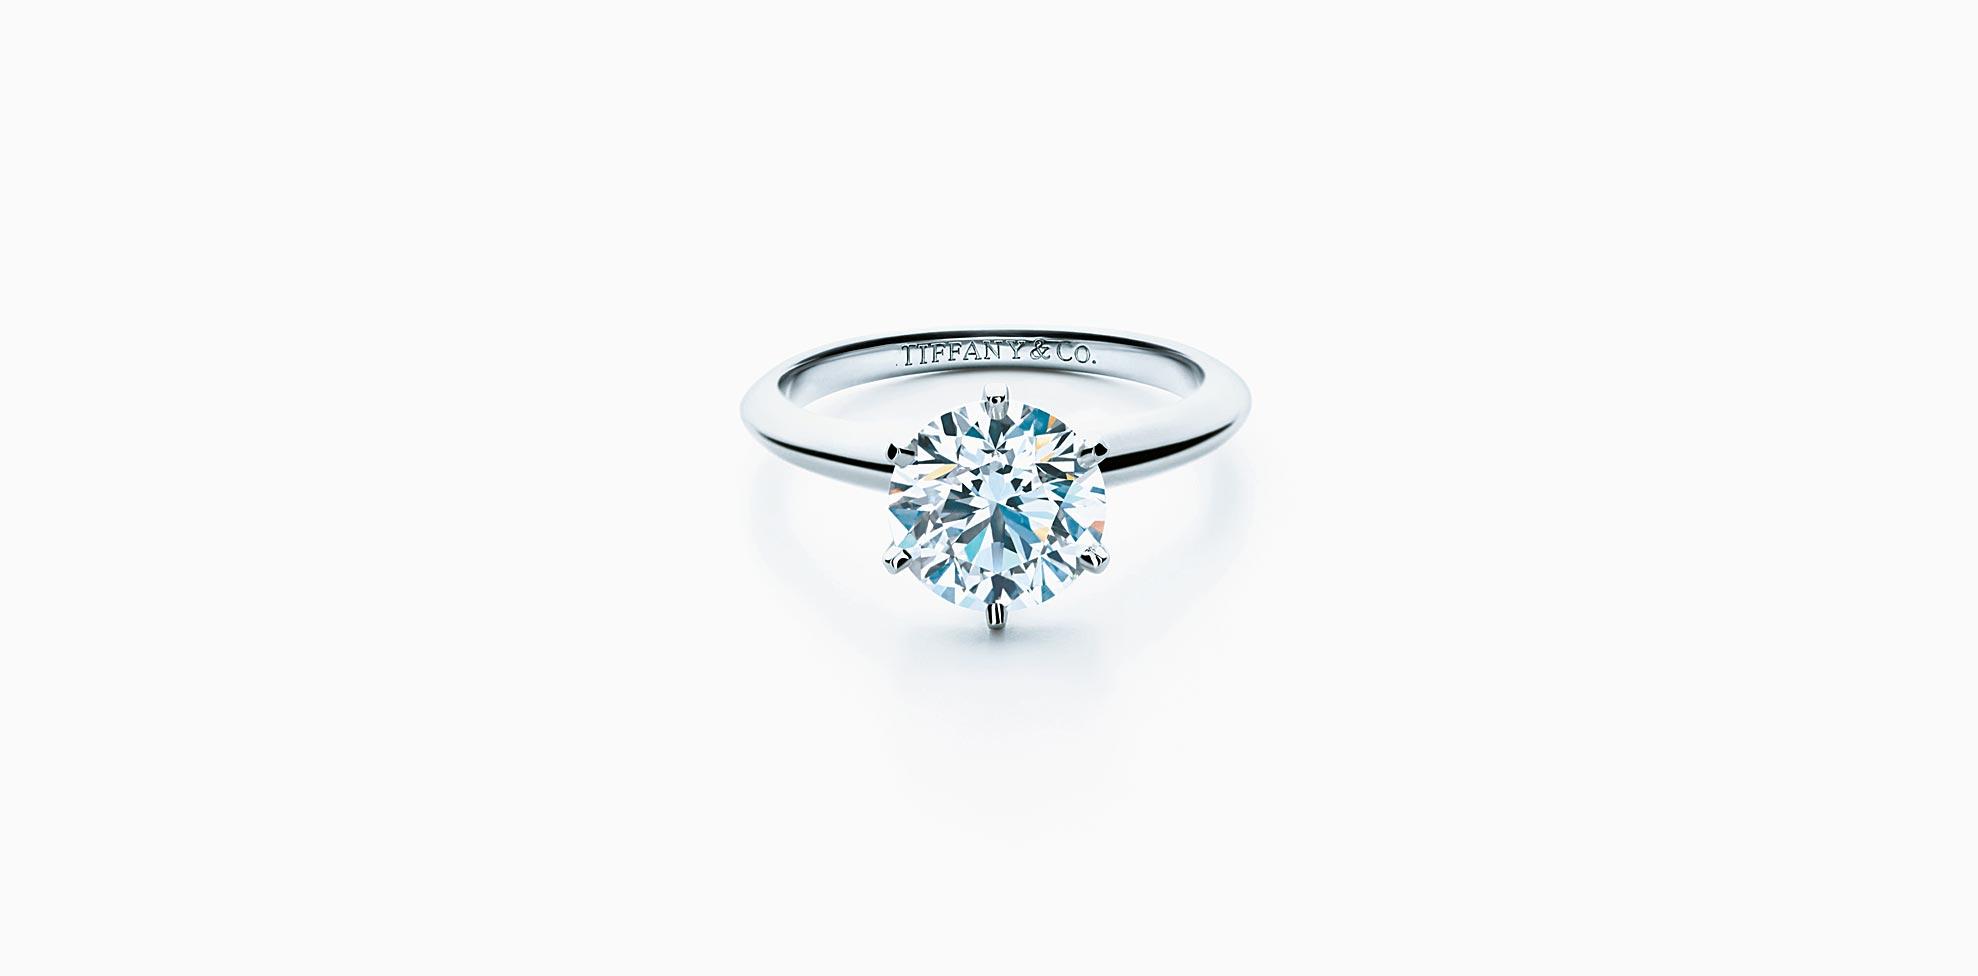 Comprarías un anillo de compromiso en Costco? Te conviene ...